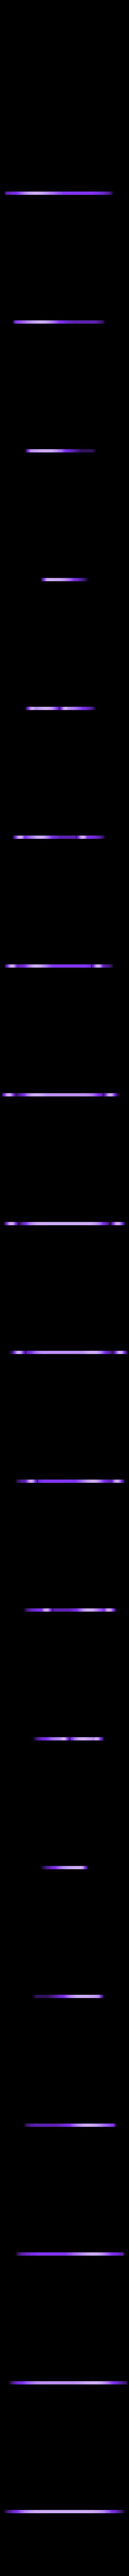 Unione_Gomme.stl Télécharger fichier STL gratuit Véhicule d'assemblage de bricolage • Objet pour impression 3D, Tanleste46